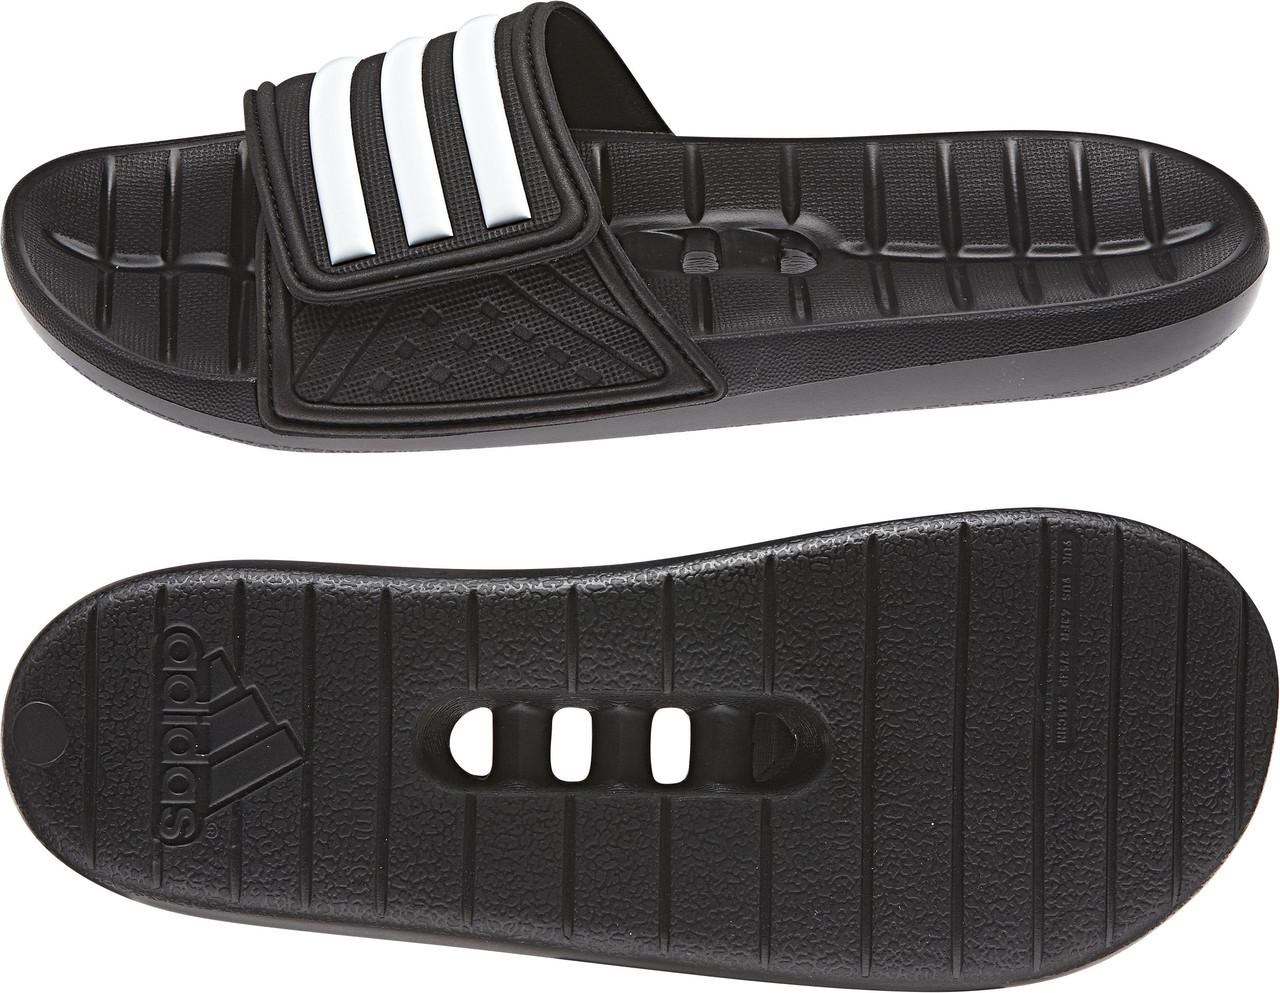 fc84137af83a Шлепанцы adidas Kyaso Adapt AQ5600 - Интернет-магазин спортивной одежды и  обуви